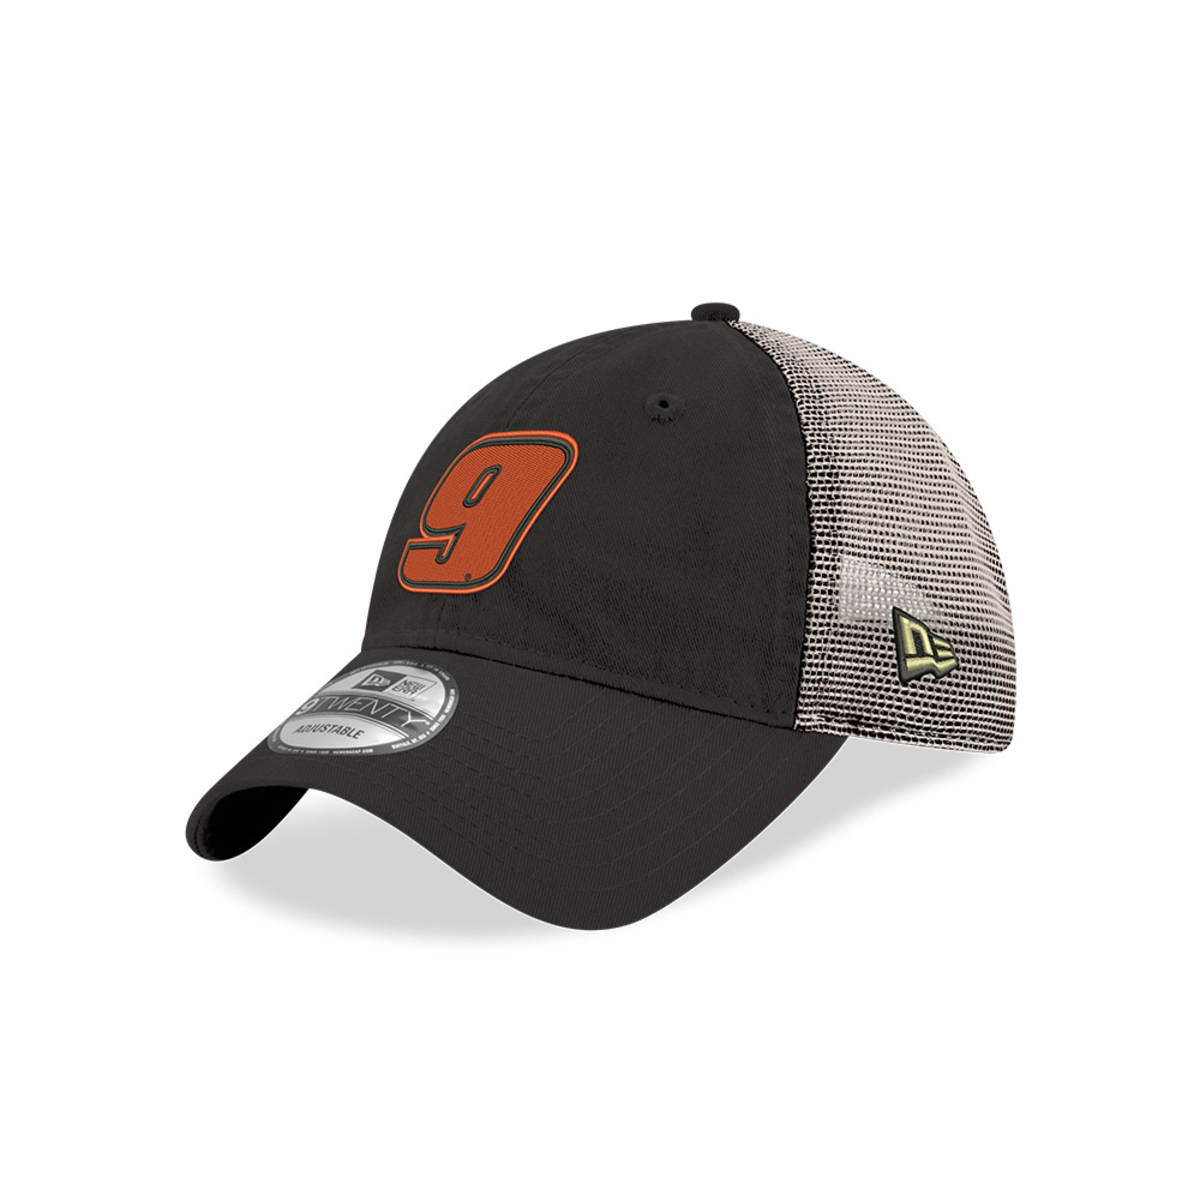 Chase Elliott #9 2021 Hooters Trucker Hat